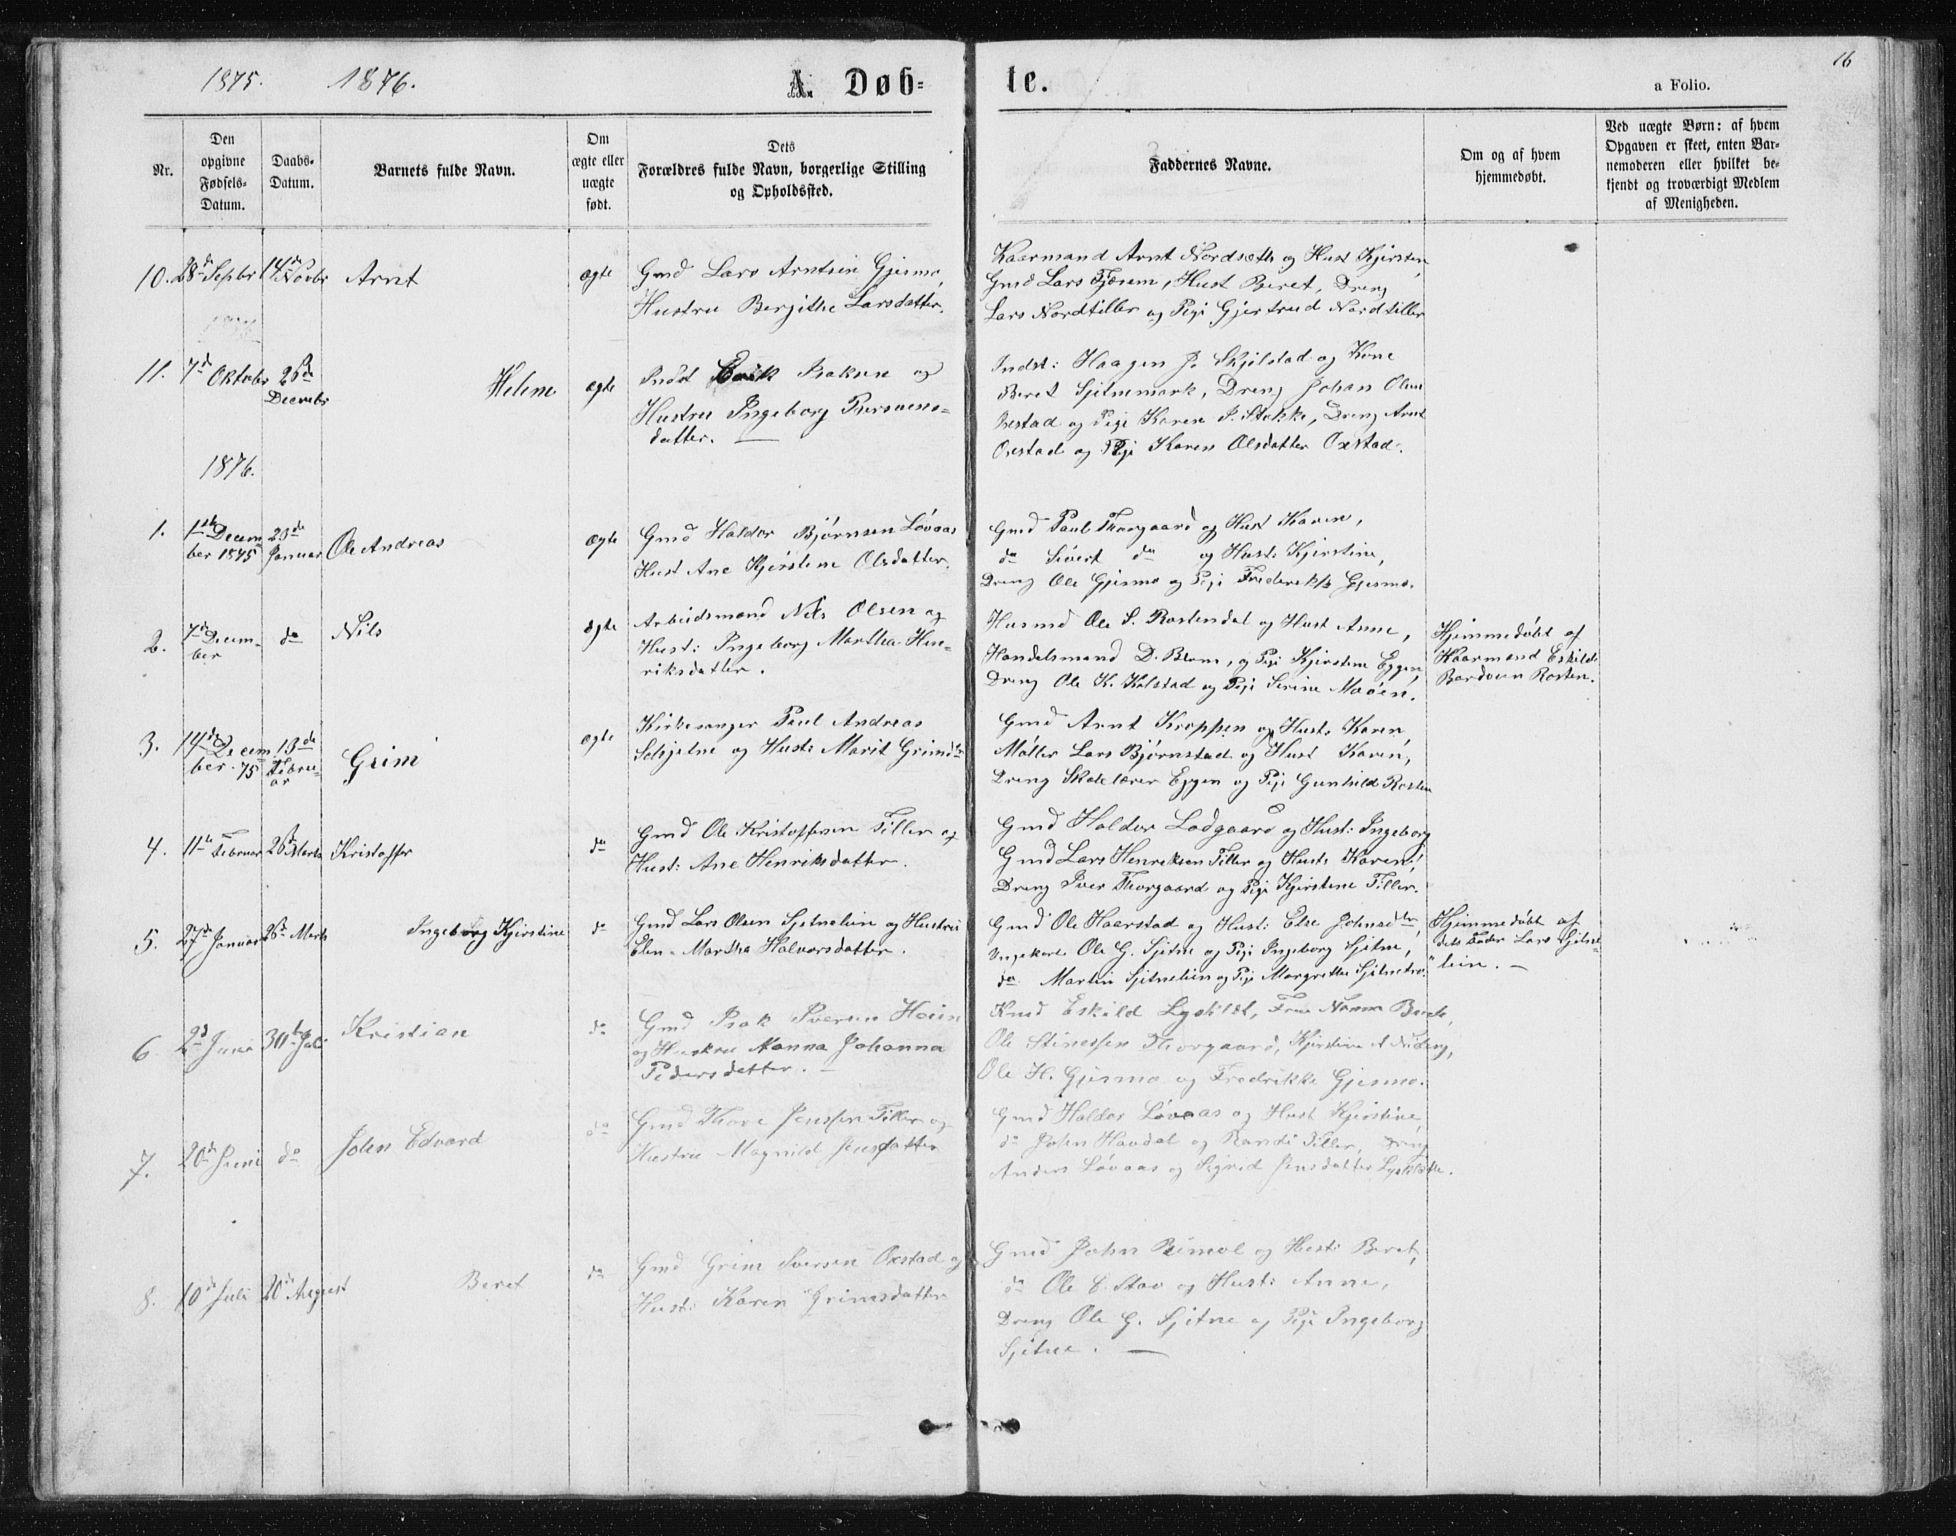 SAT, Ministerialprotokoller, klokkerbøker og fødselsregistre - Sør-Trøndelag, 621/L0459: Klokkerbok nr. 621C02, 1866-1895, s. 16